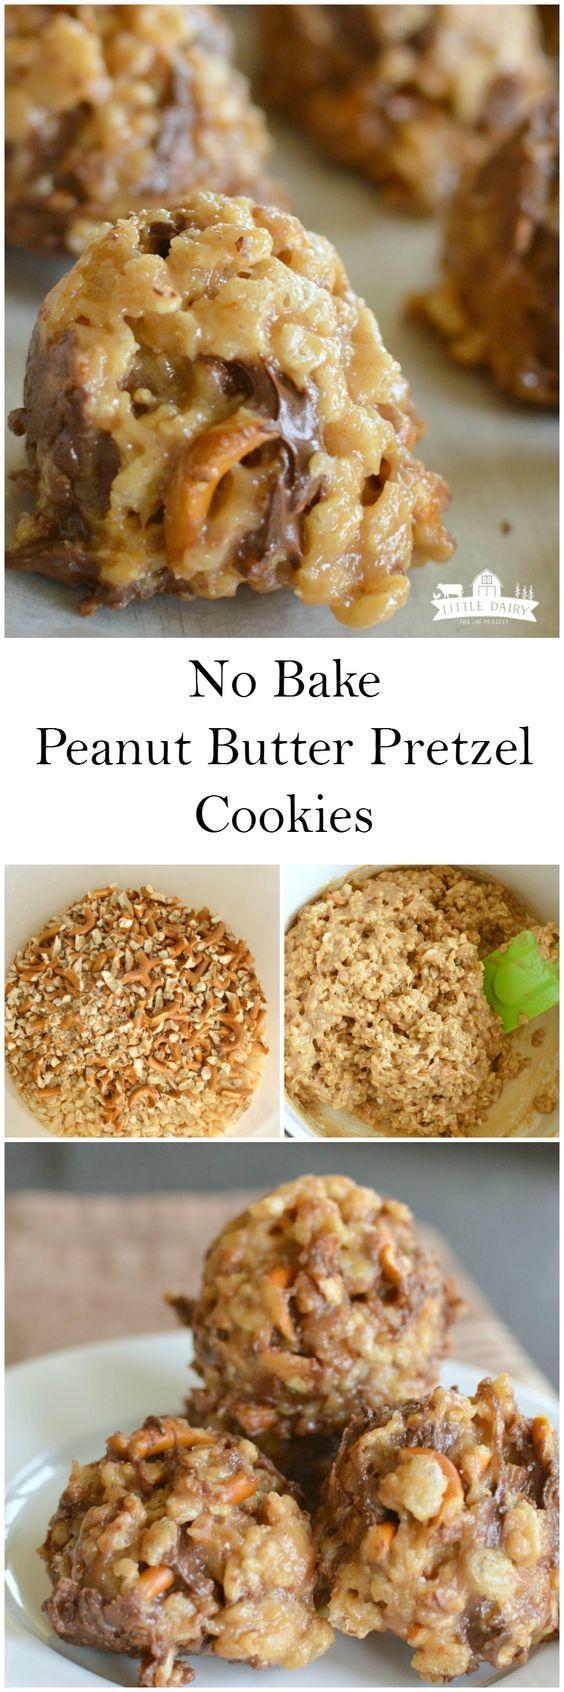 No Bake Peanut Butter Pretzel Cookies | Recipe